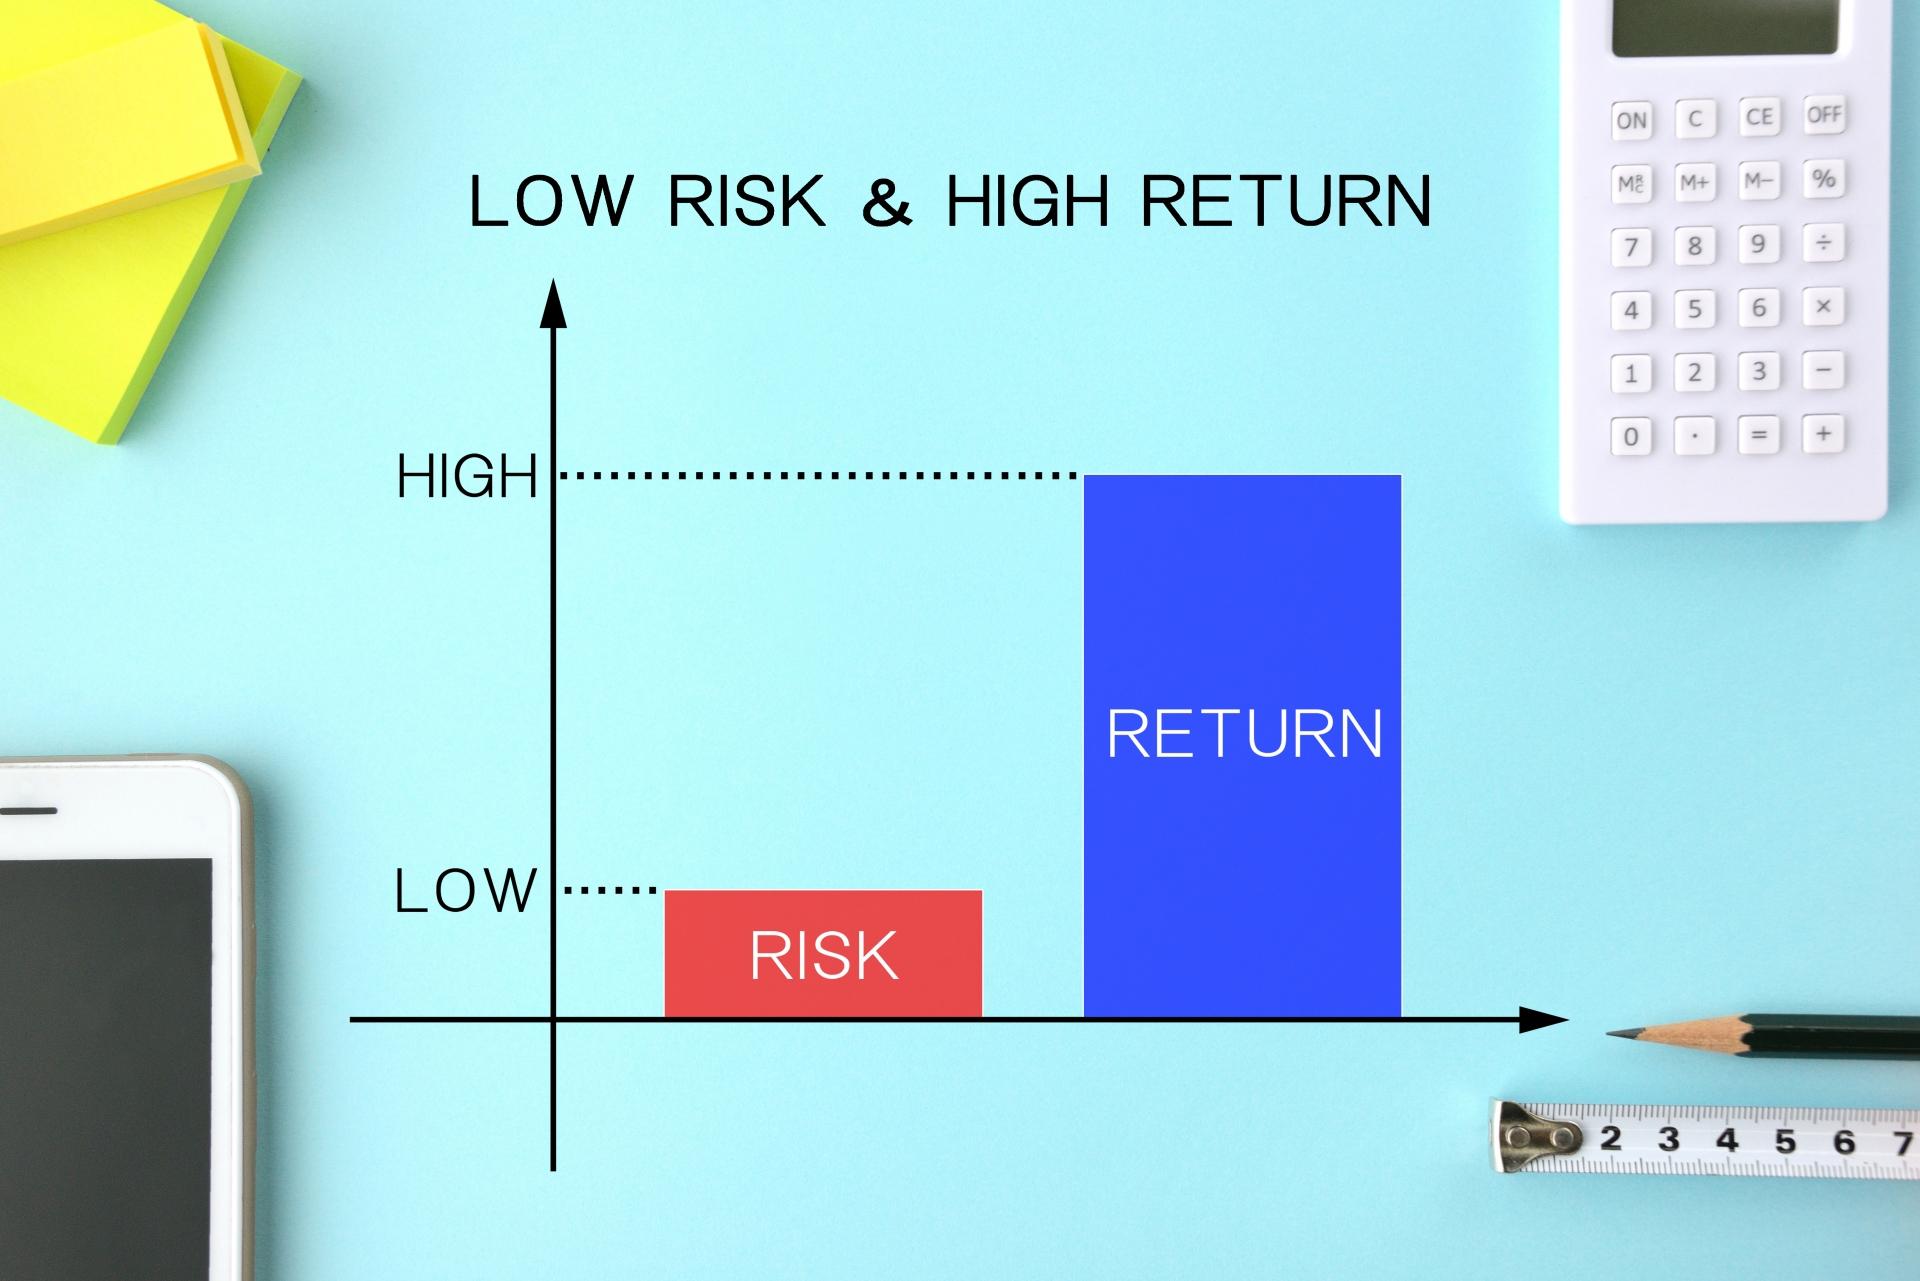 【嘘八百】長期でホールドすれば債券よりも株式の方がローリスク・ハイリターン